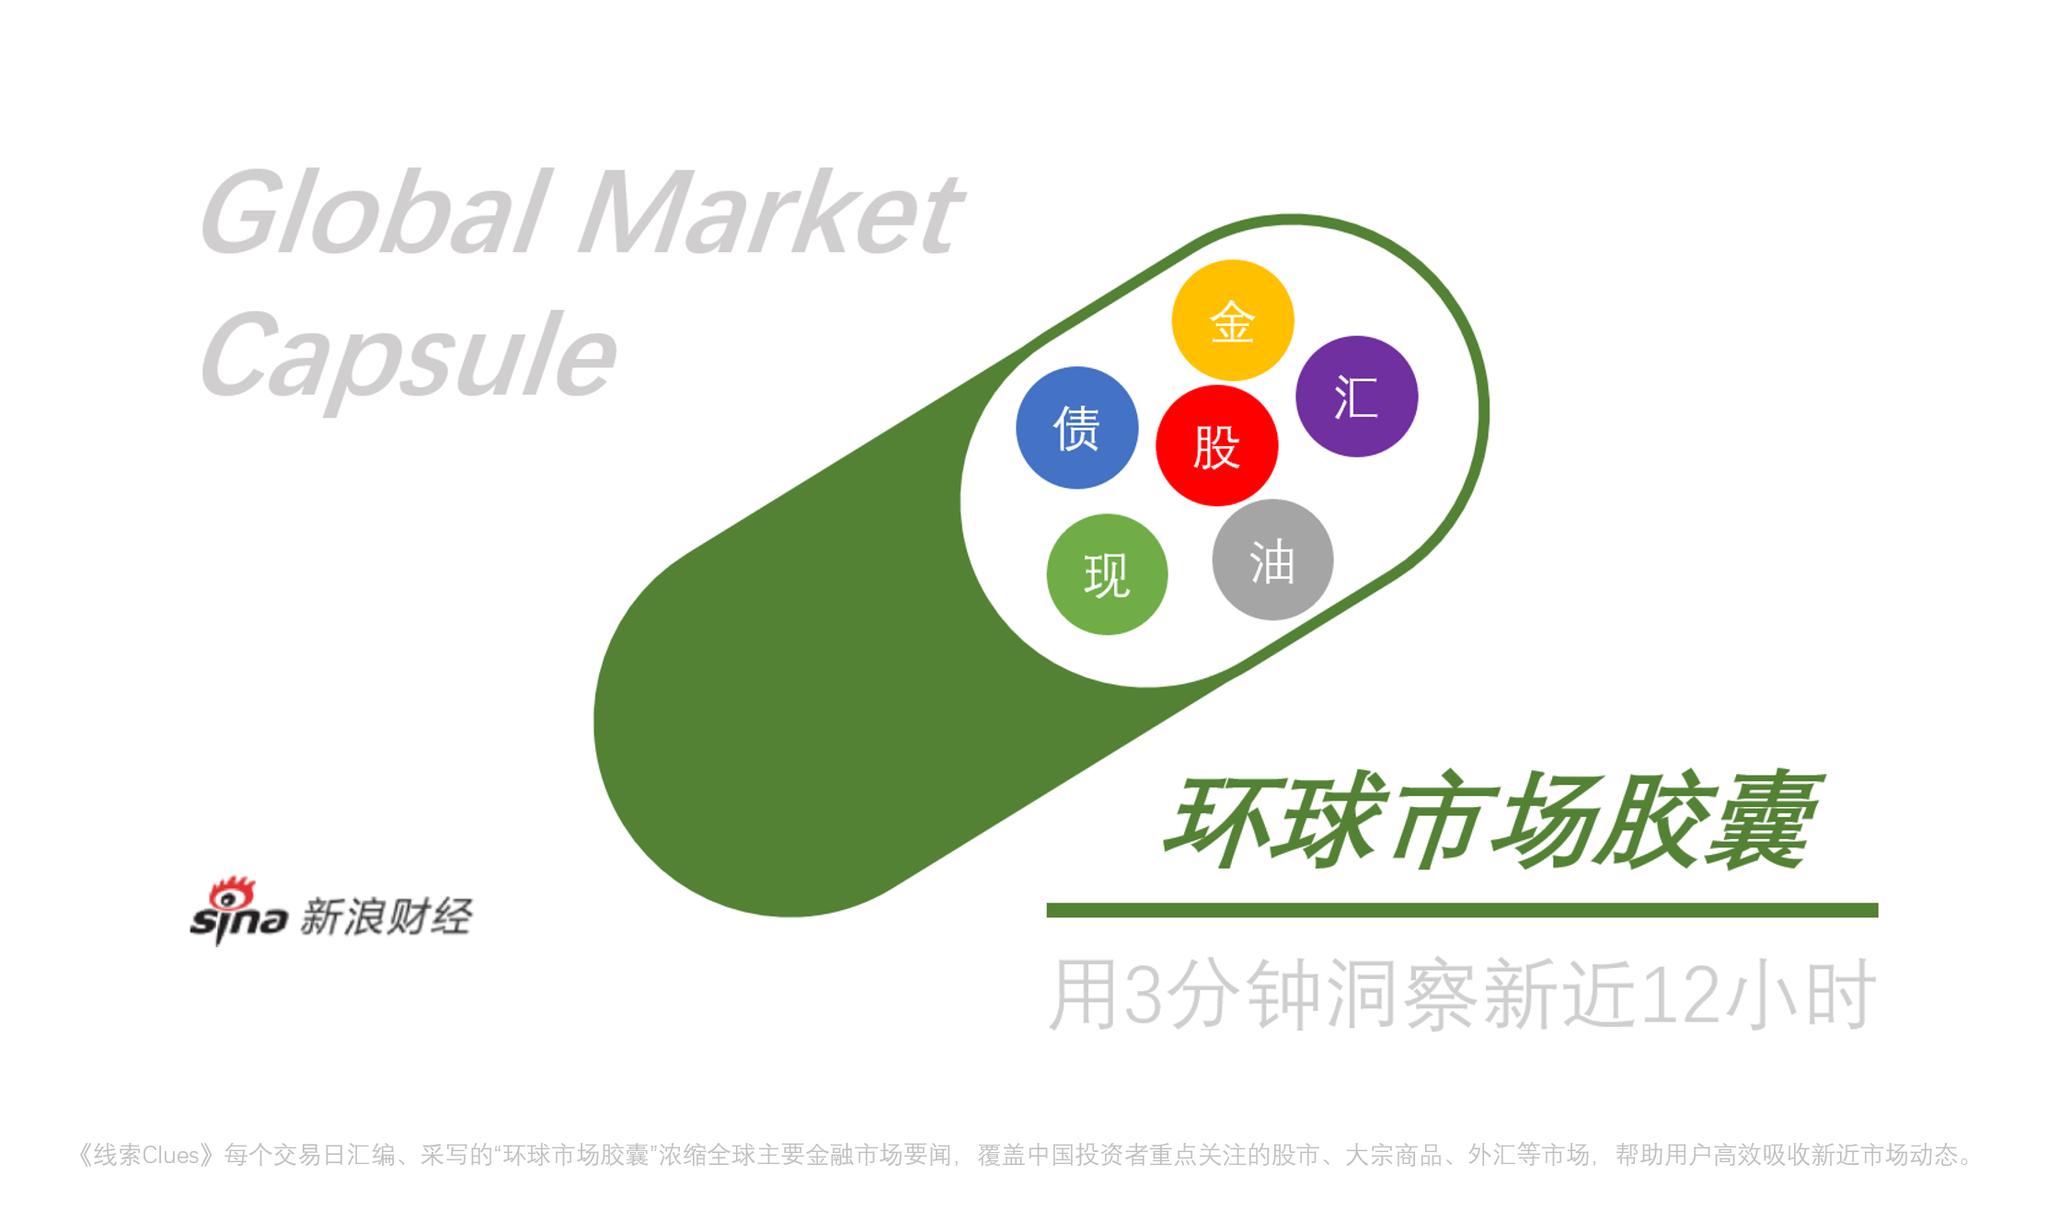 沪指年线受阻小幅收高 7月中国工业增加值增长4.8%